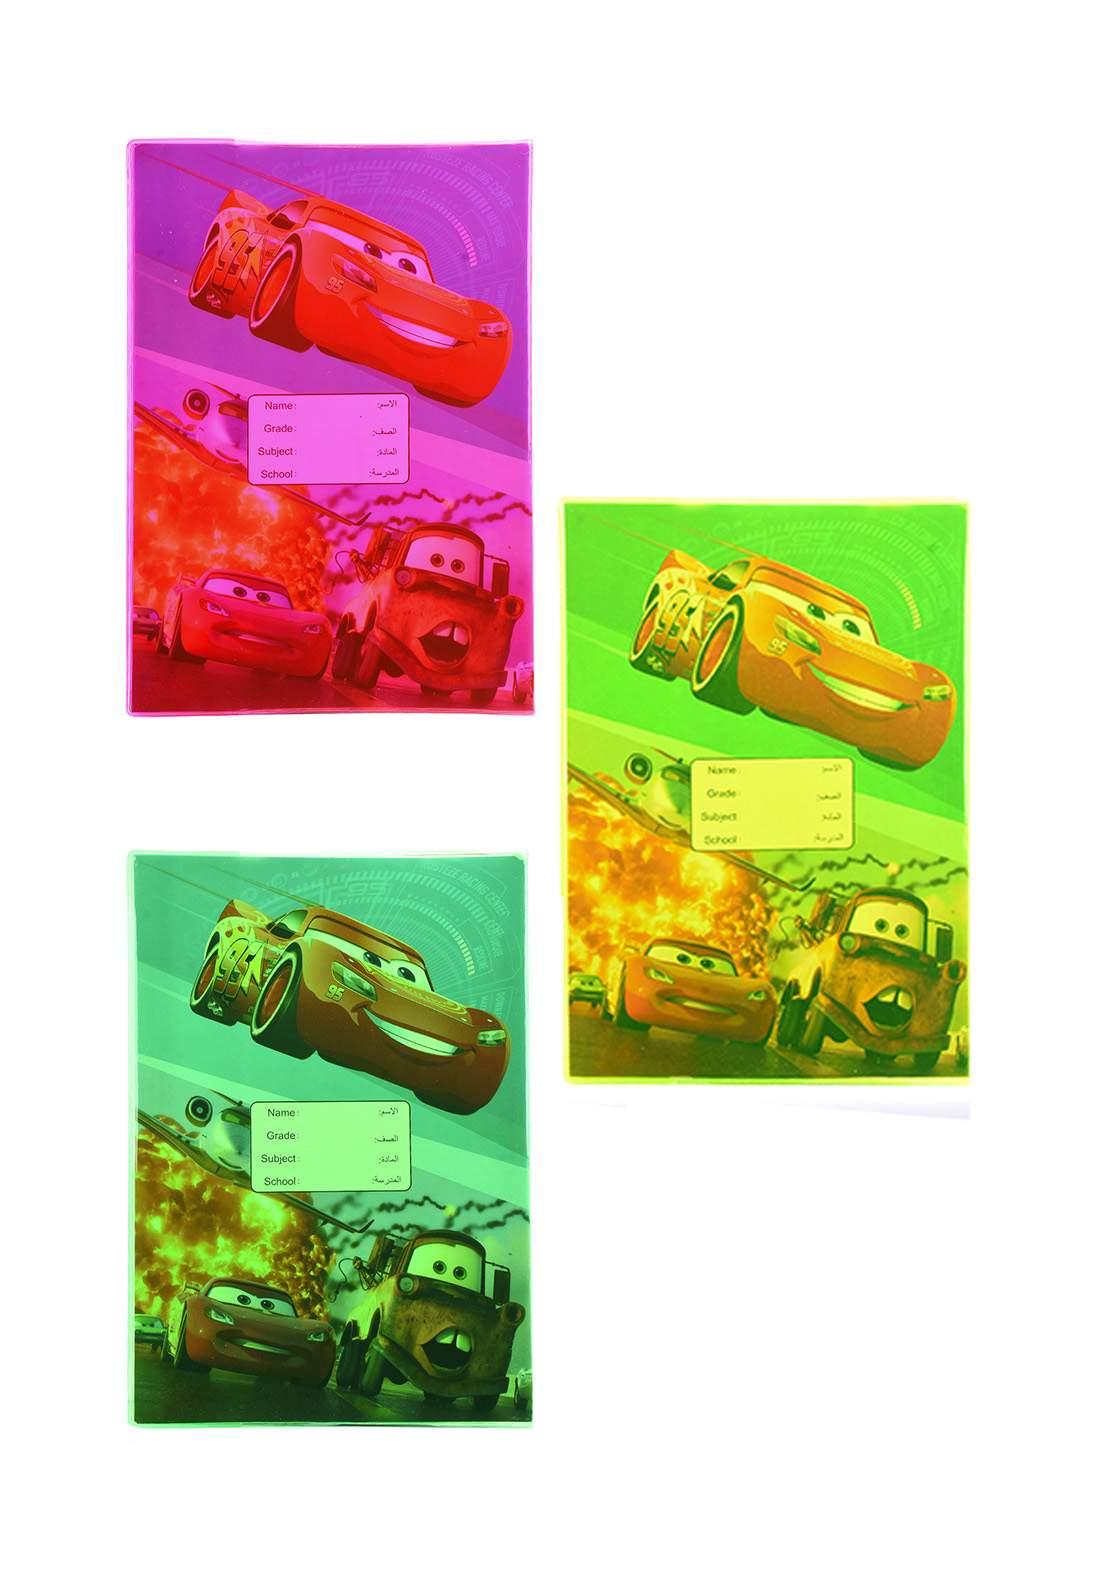 دفتر عربي 60 ورقة برسمة سيارات  F-872